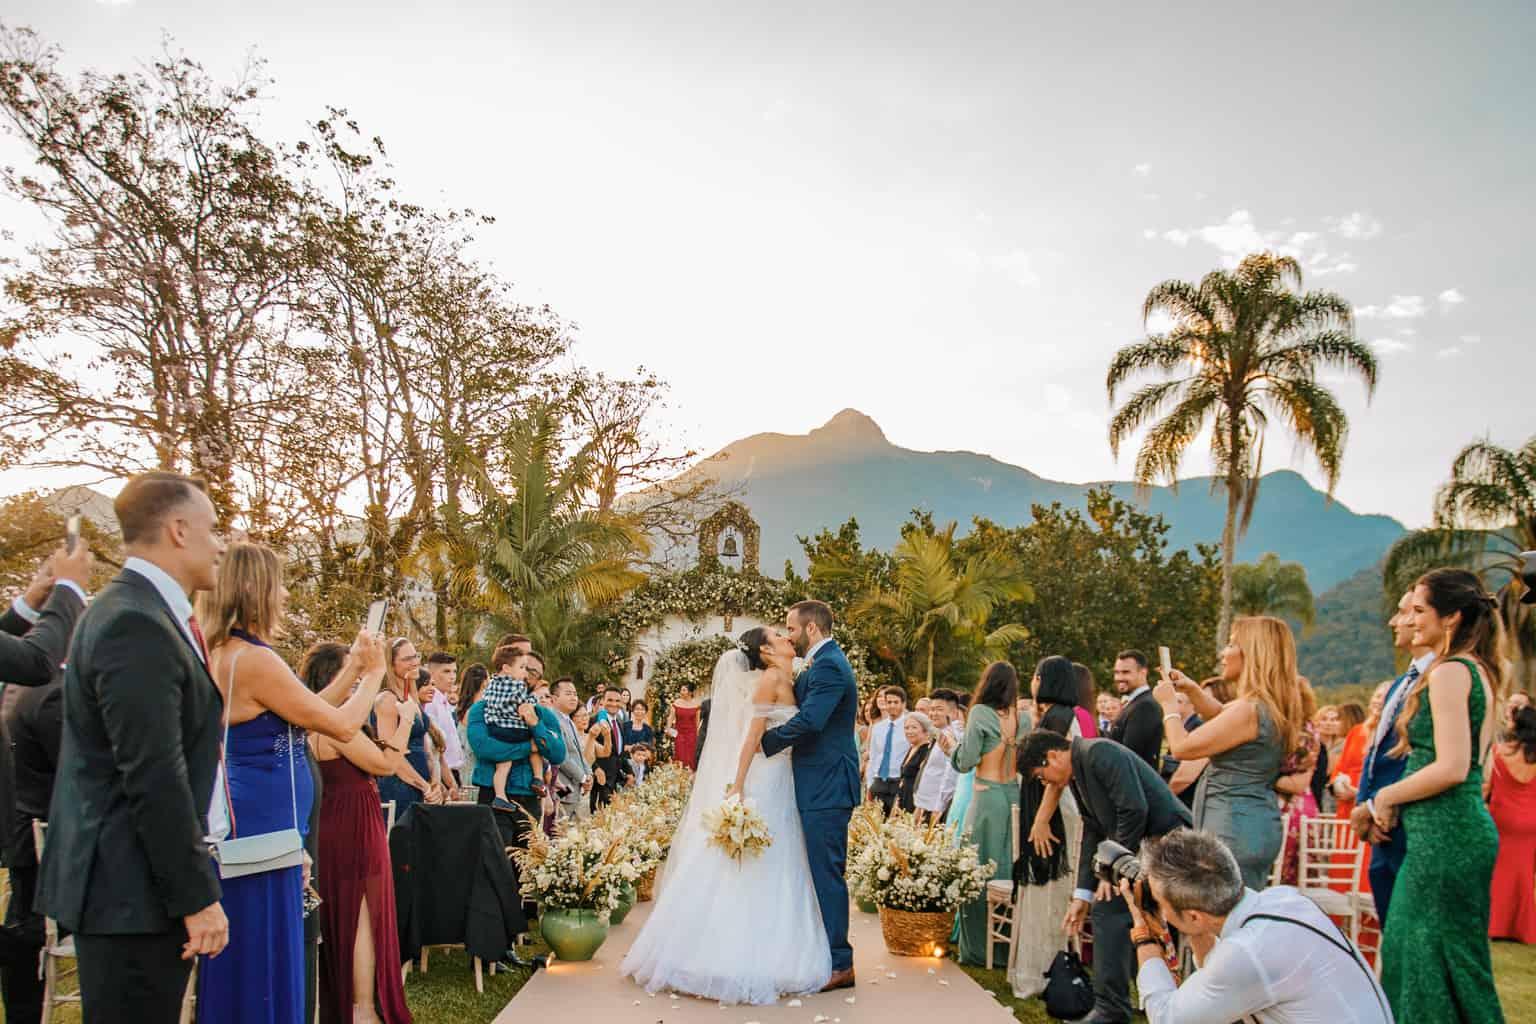 Casamento-Alissa-e-Gustavo-Cerimonial-Manu-Goncalez-Decor-Andrea-Kapps-Fasano-Angra-dos-Reis-Foto-VRebel-Cerimonia421